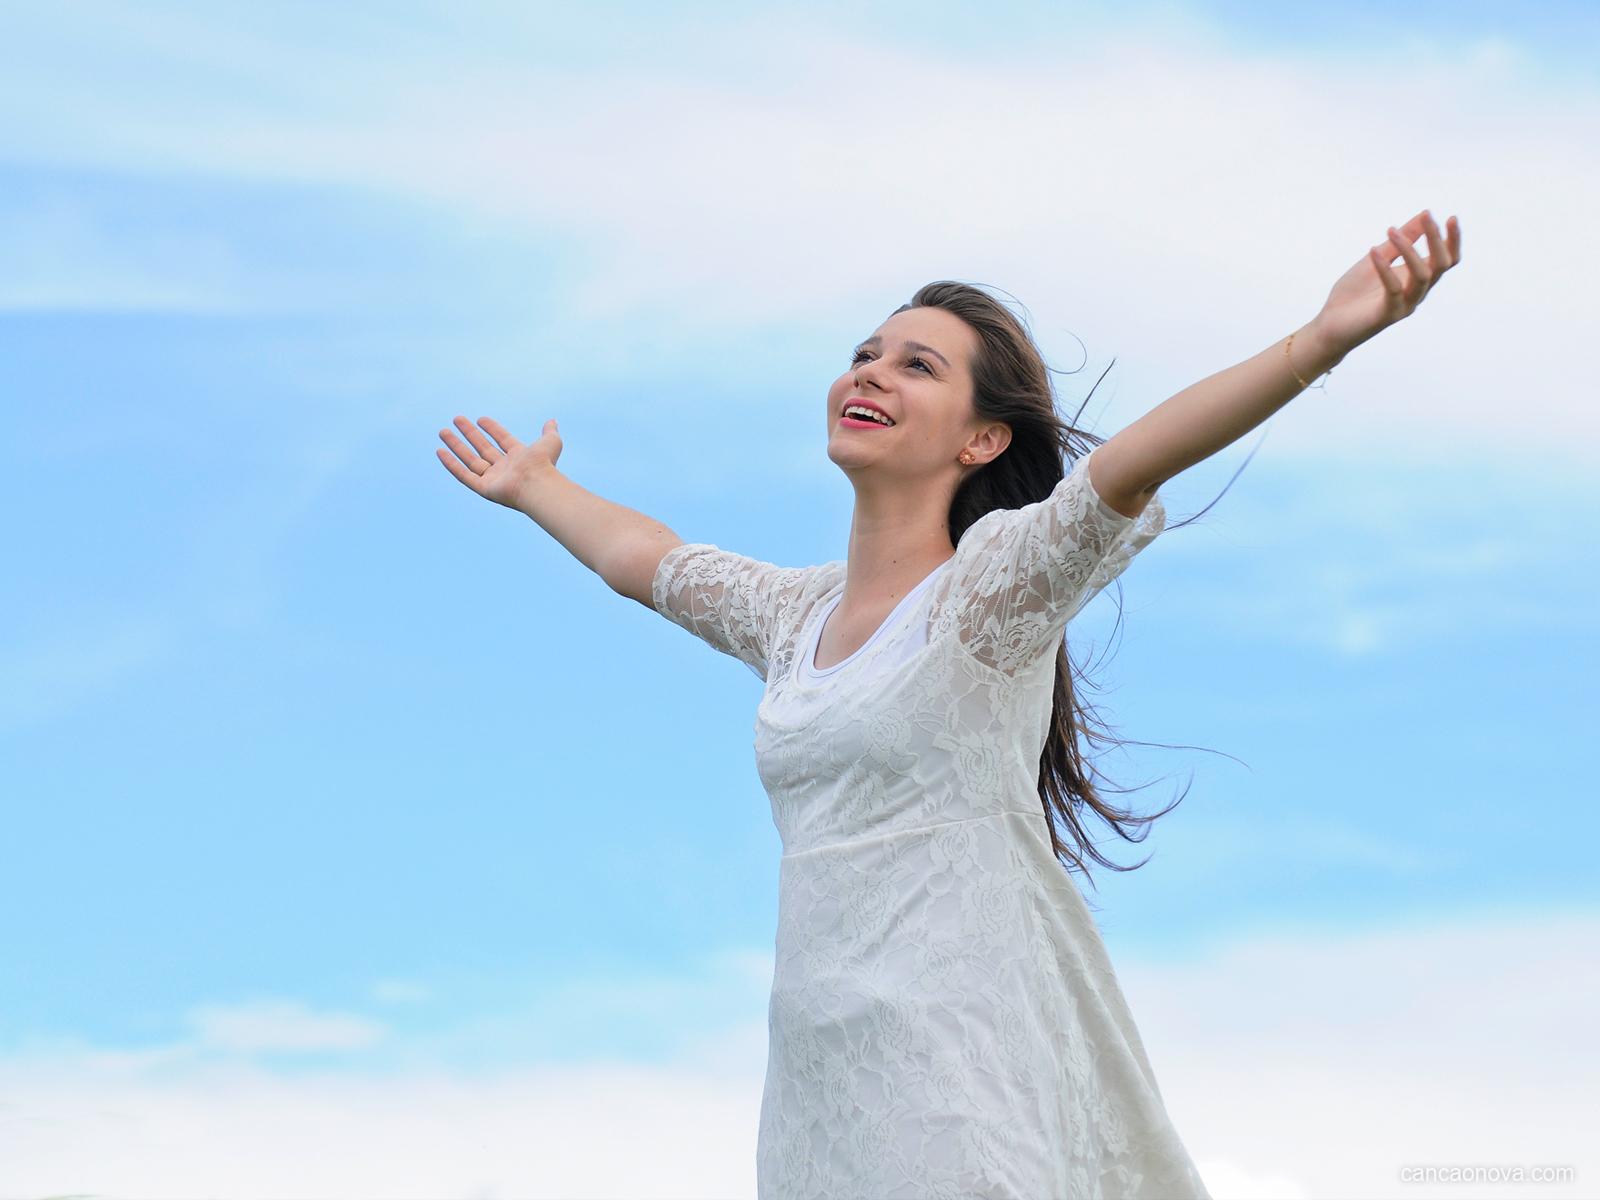 Peça ao Senhor paz, esperança e bênçãos para sua vida